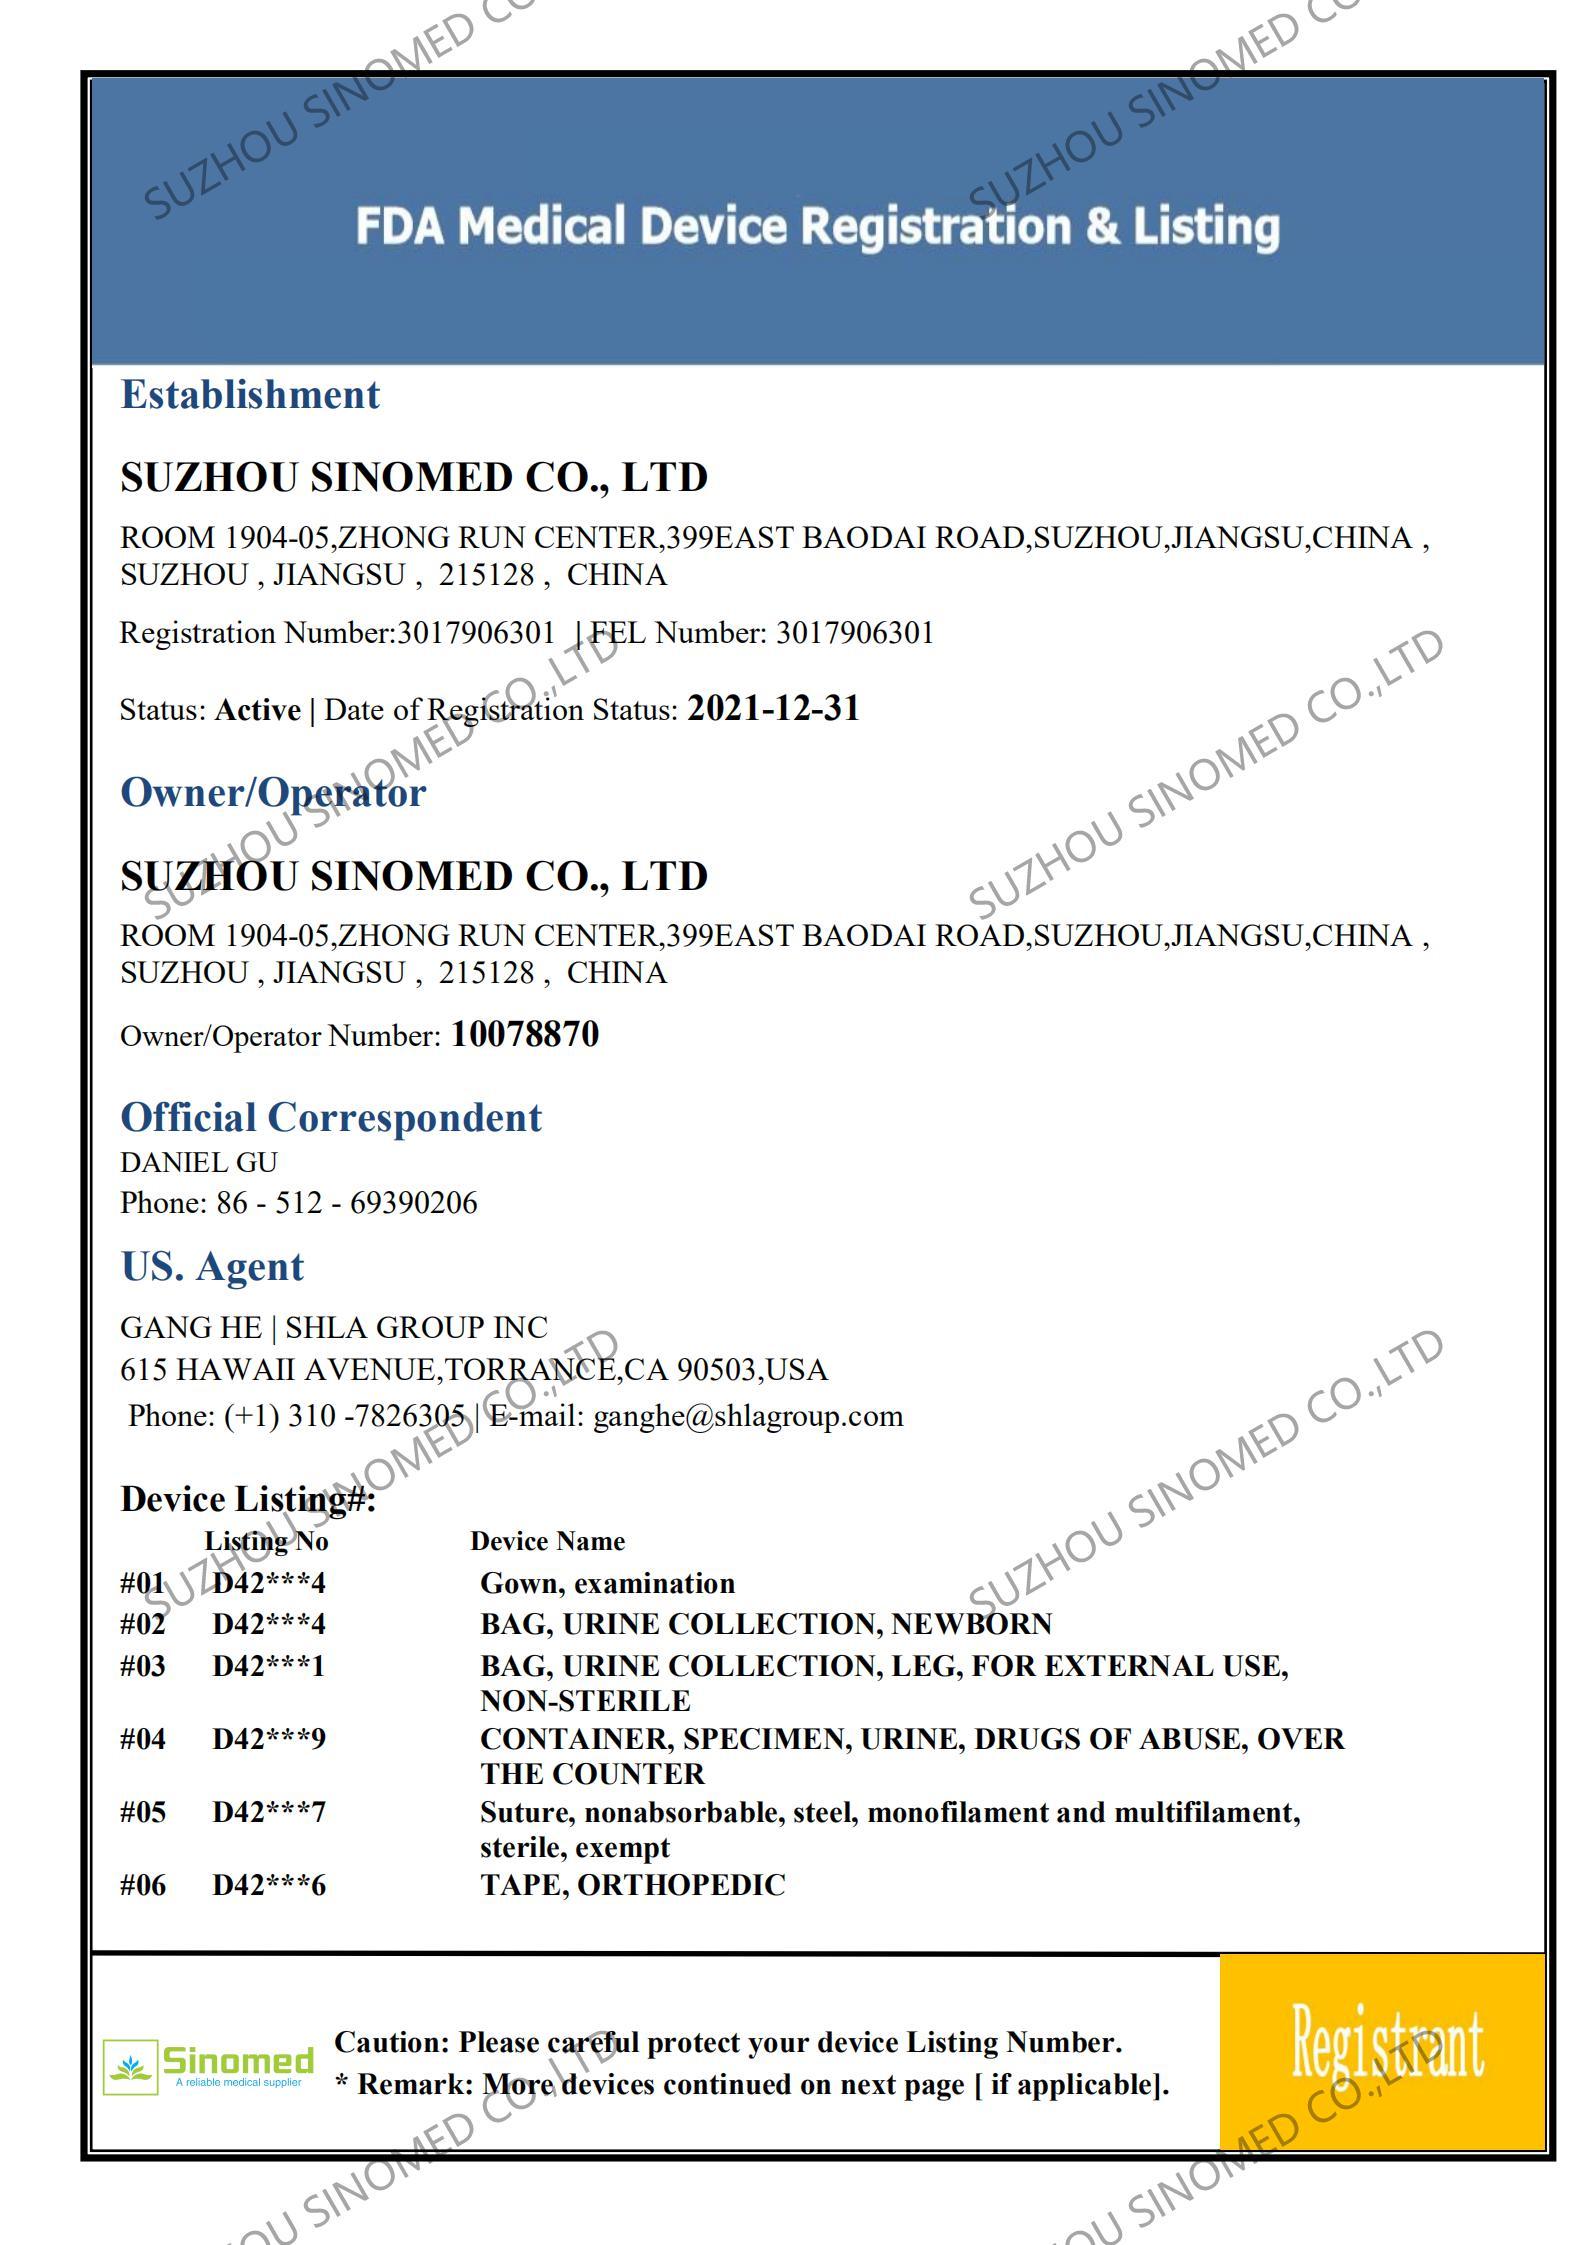 苏州深诺商贸有限公司2020年10月至2021年12月FDA证书-对外版_00